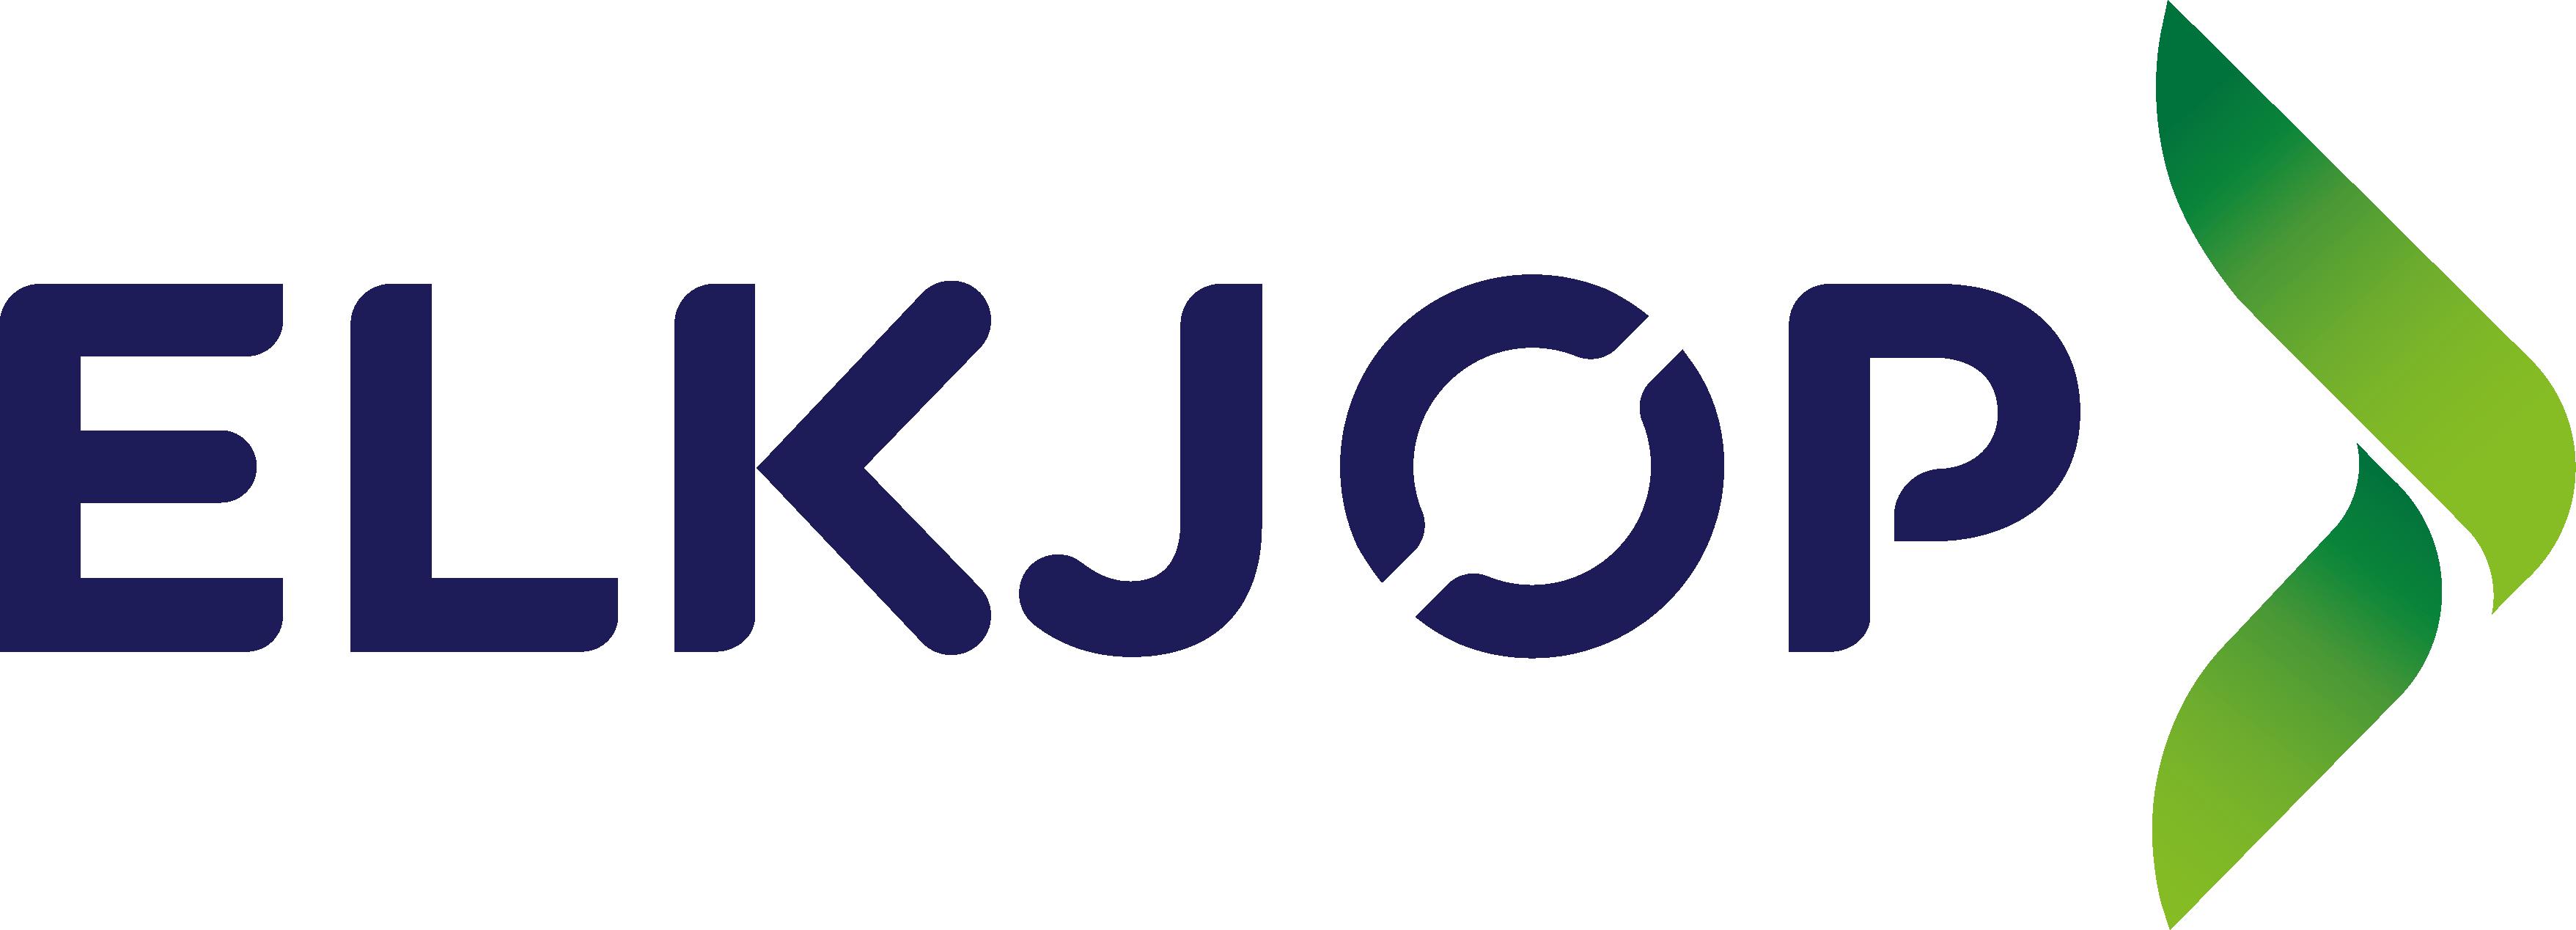 Elkjop logo